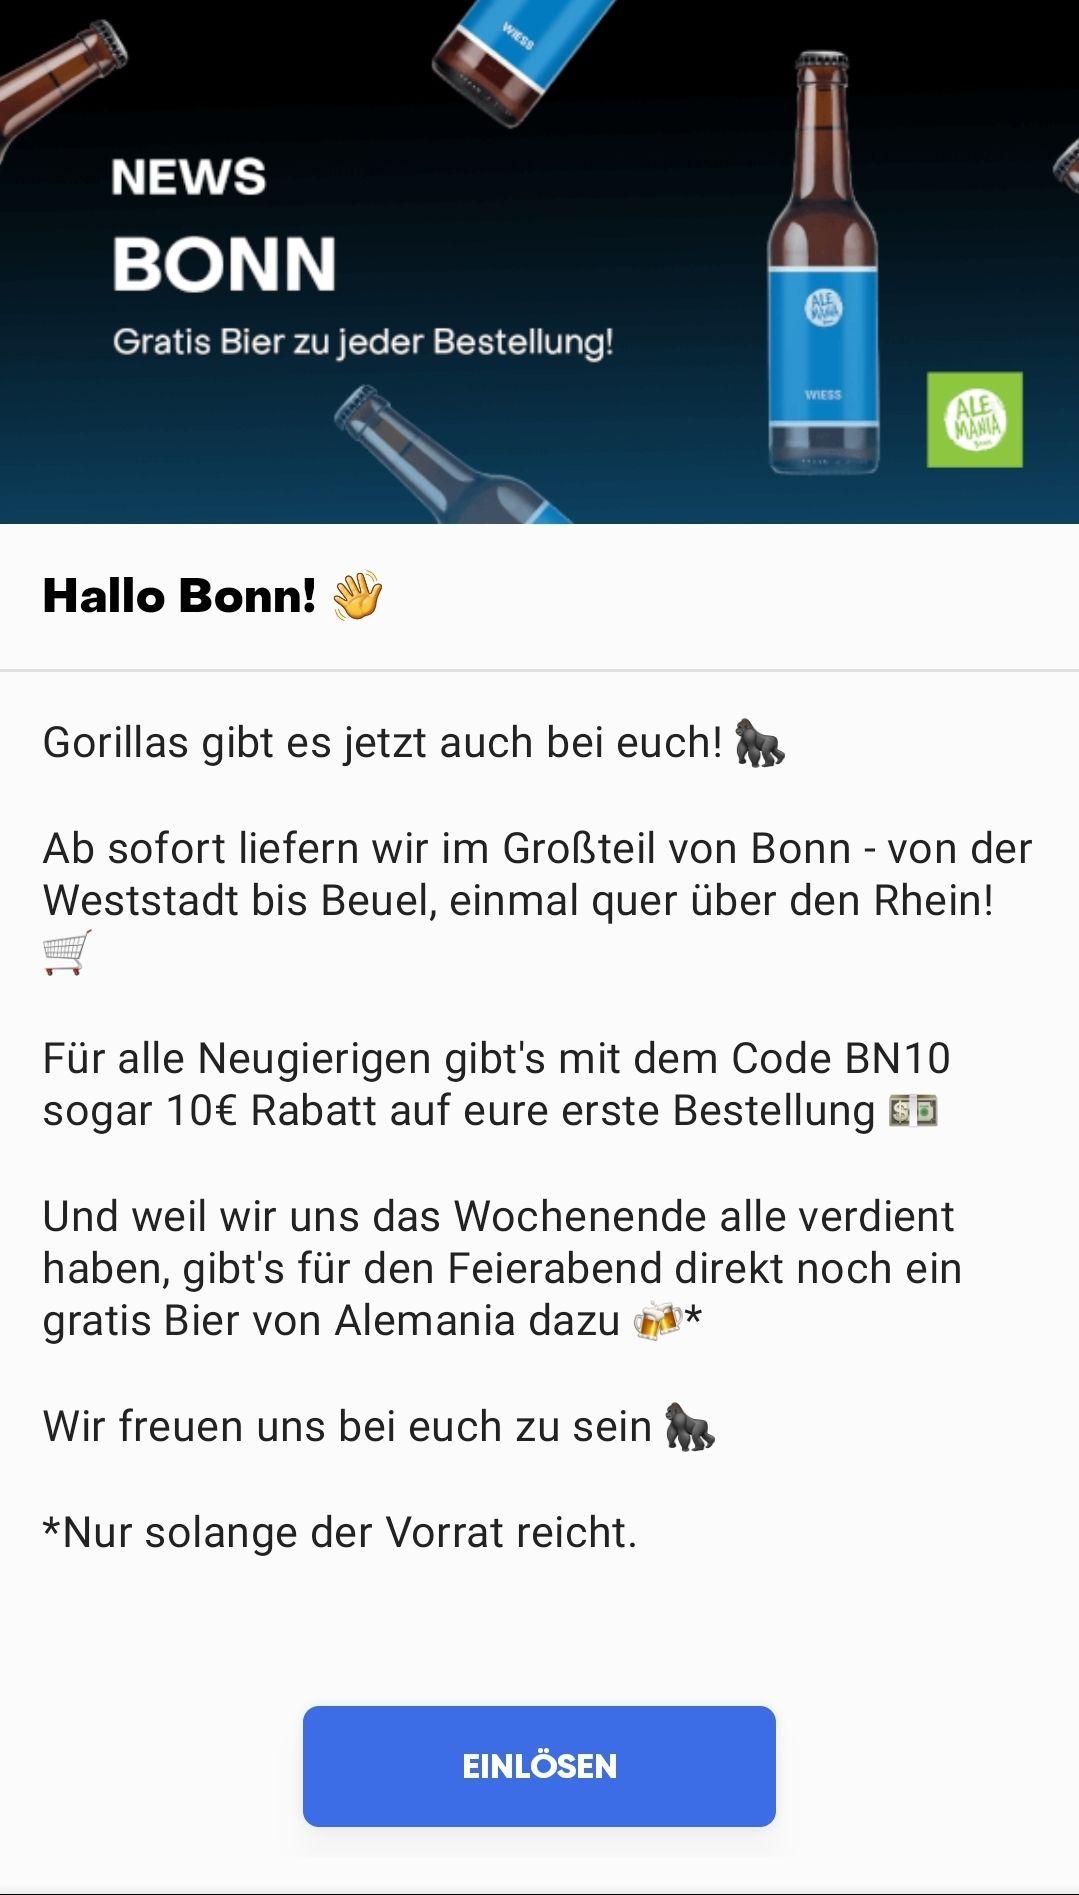 Gorillas startet auch in Bonn mit 10 € Gutschein